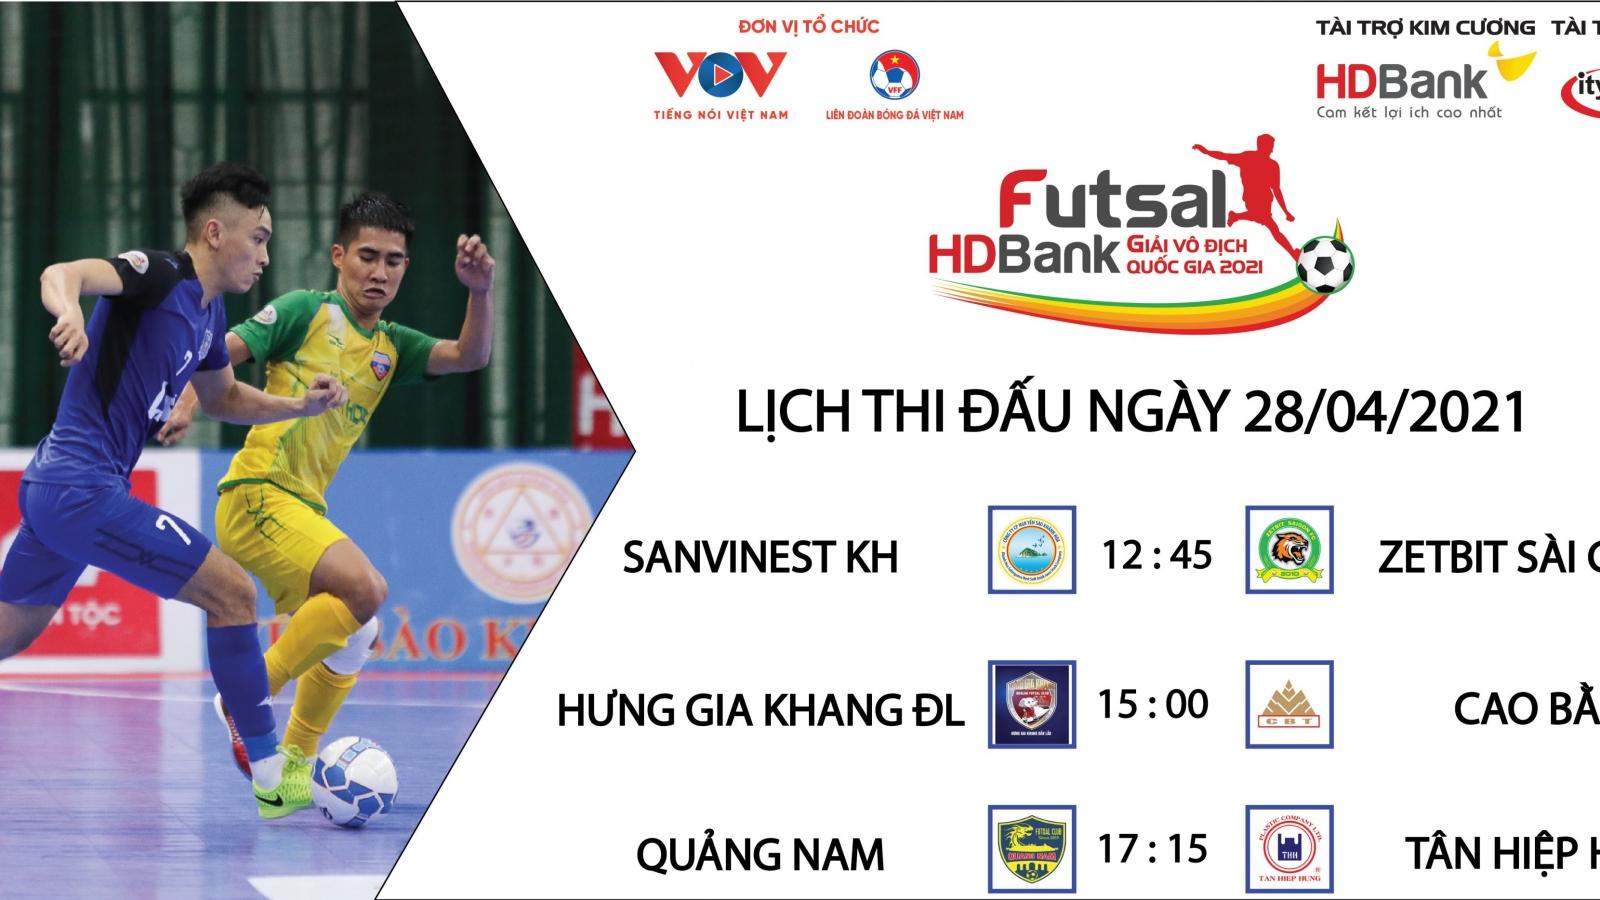 Lịch thi đấu Giải Futsal HDBank VĐQG 2021 hôm nay 28/4